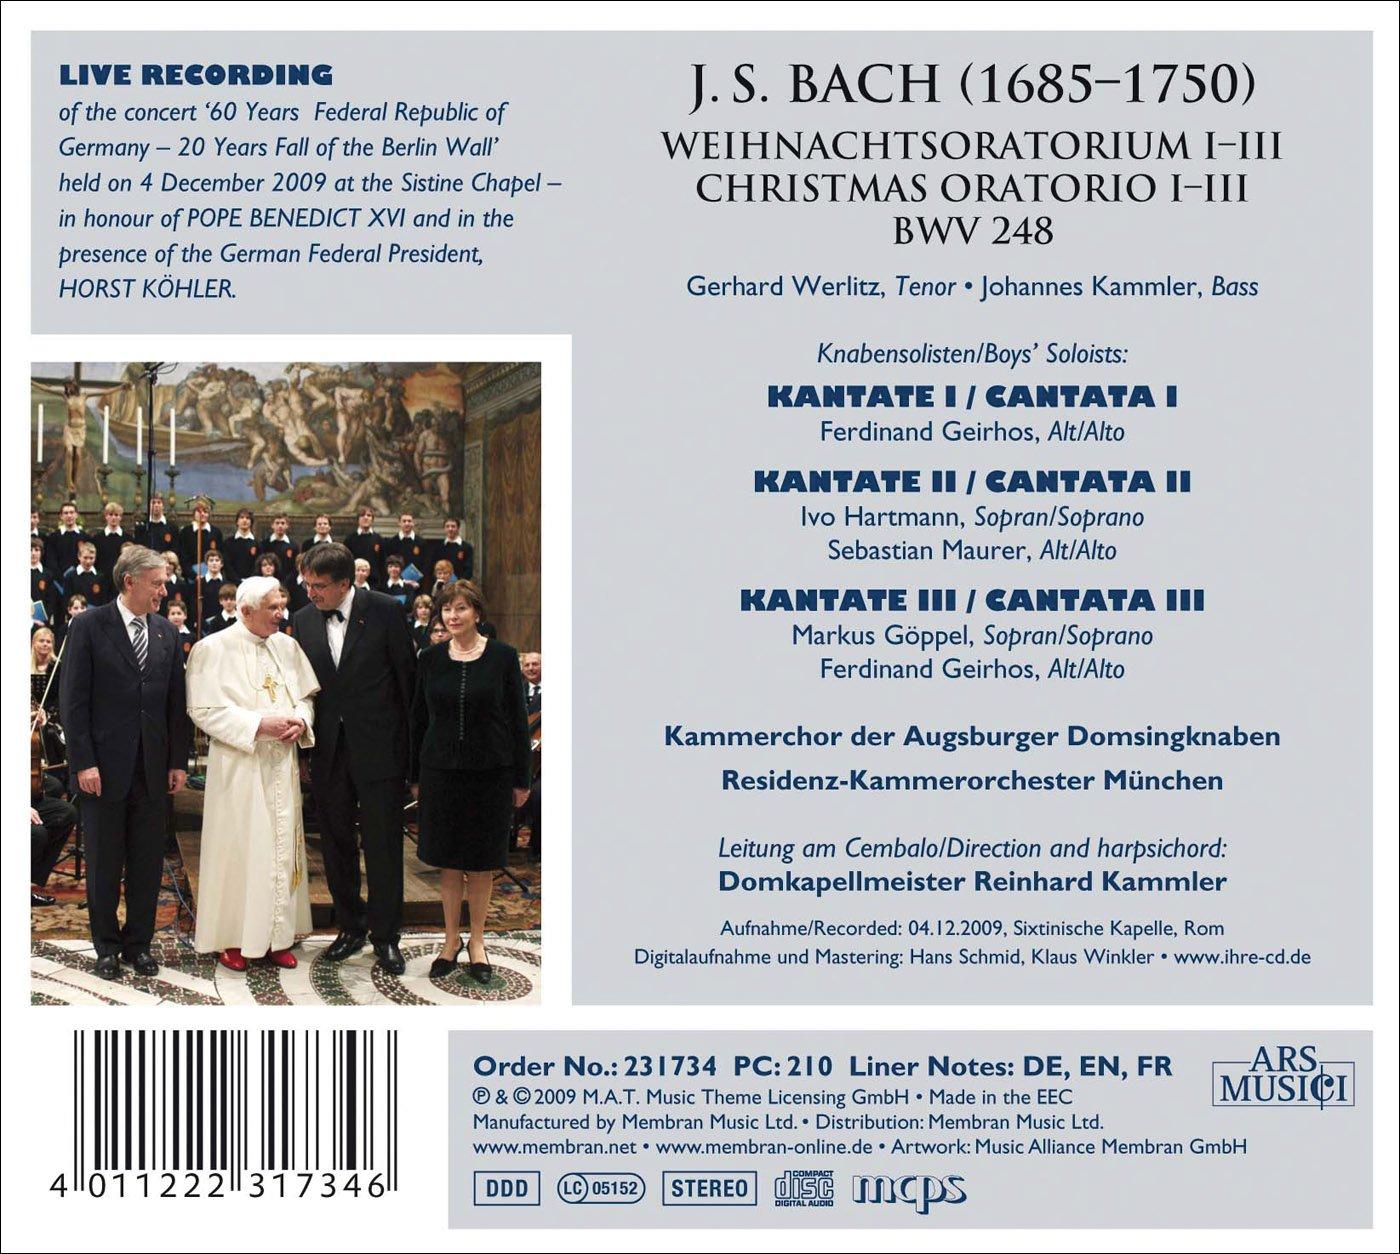 Christmas Oratorios I-III